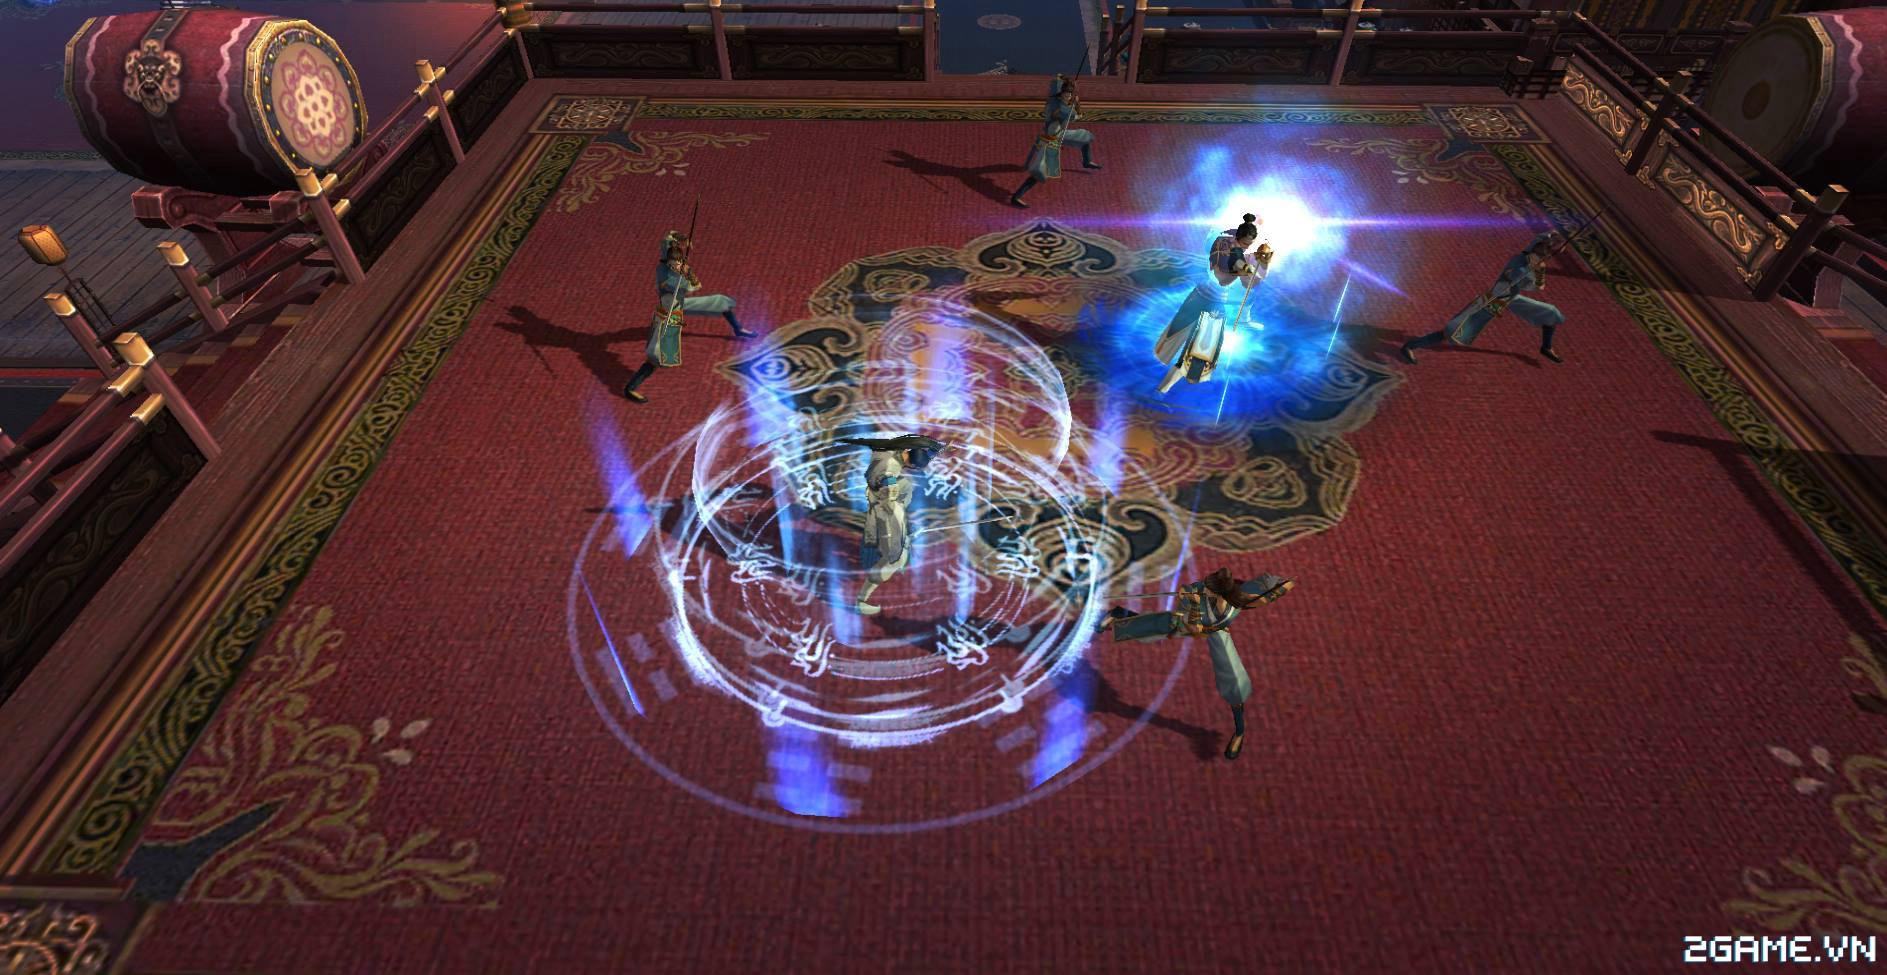 Đặt chân vào Hoành Tảo Giang Hồ 3D bạn sẽ thấy đã mắt, sướng tay! 9